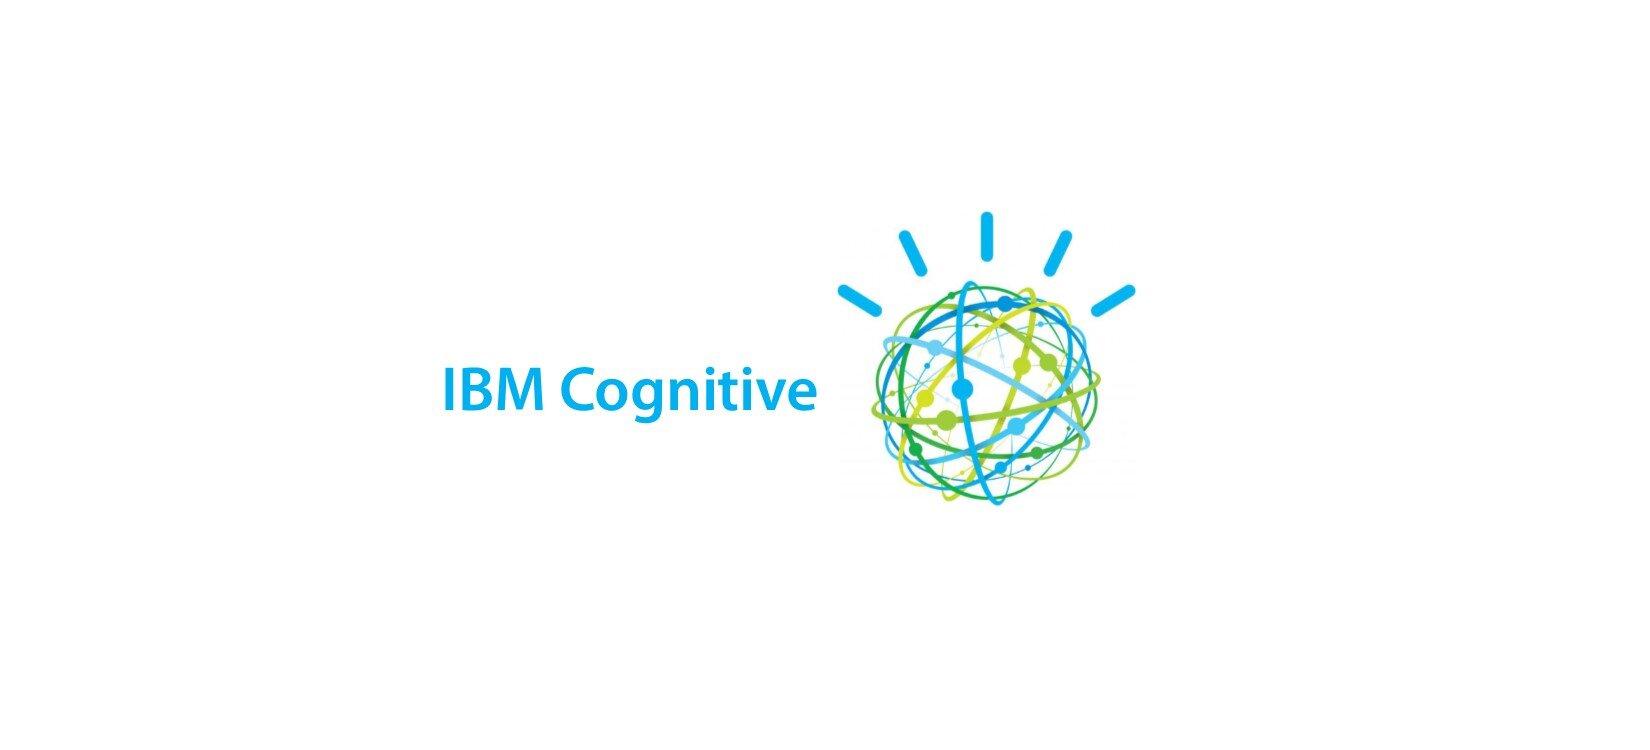 IBM Cognitive.jpg